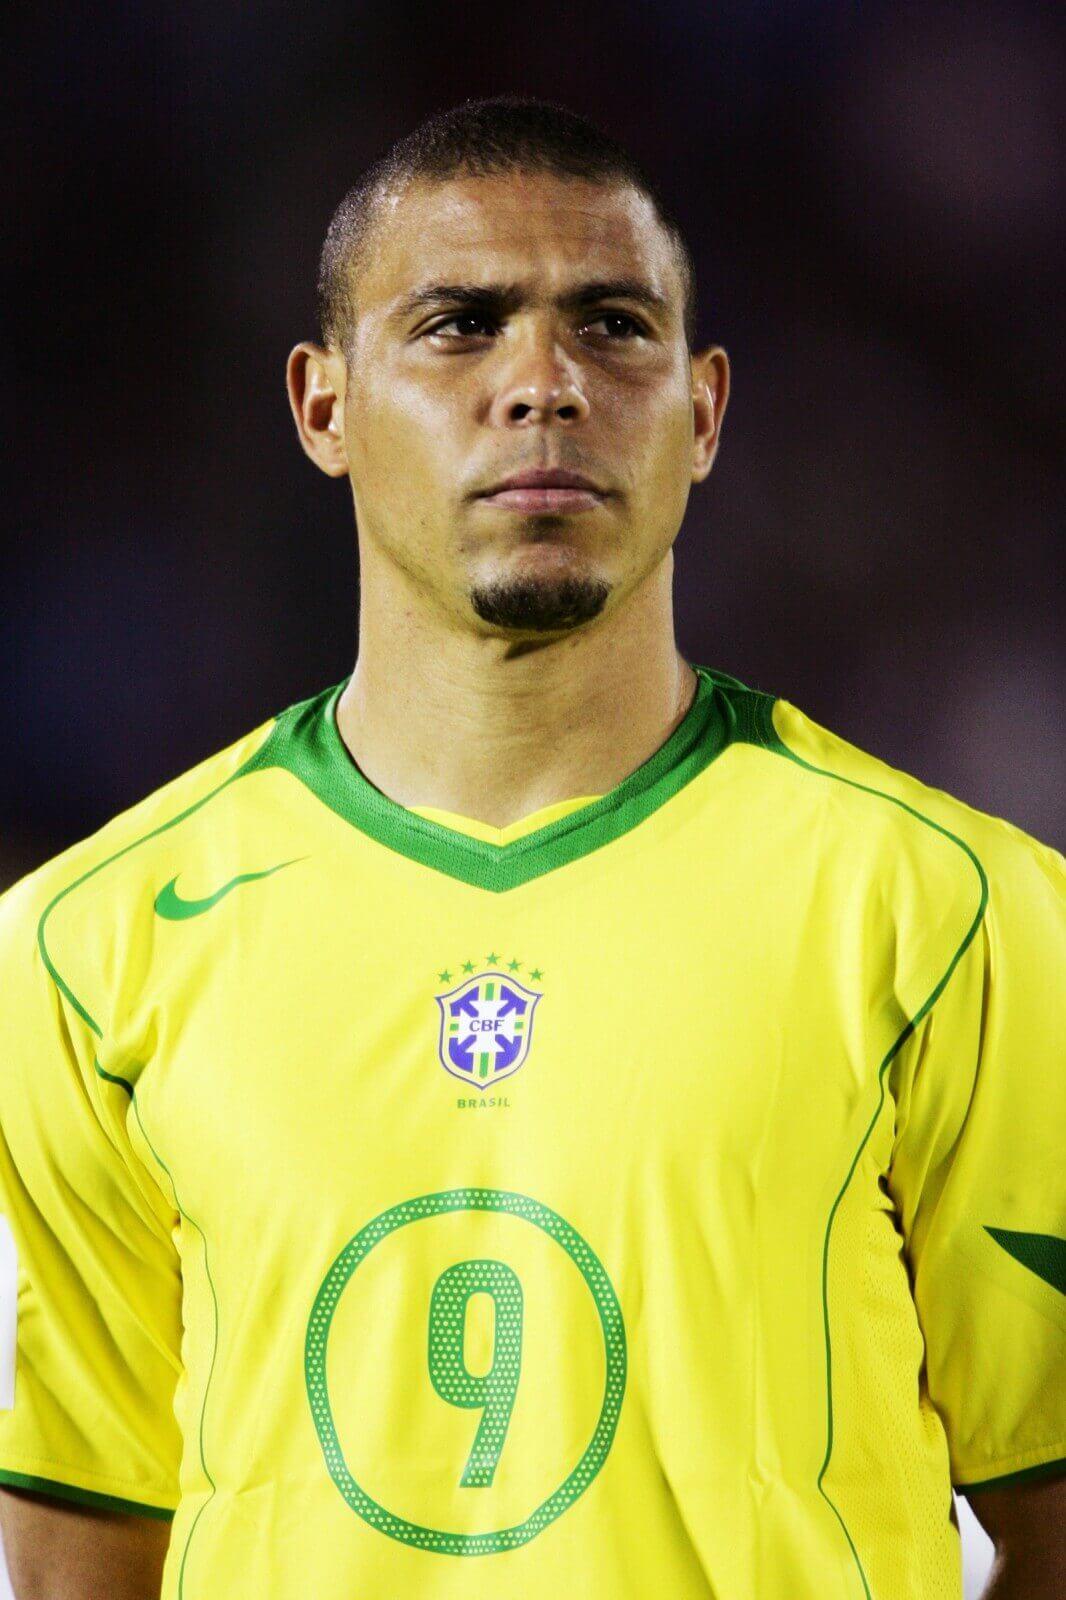 Ronaldo - legendy futbolu, najlepsi piłkarze